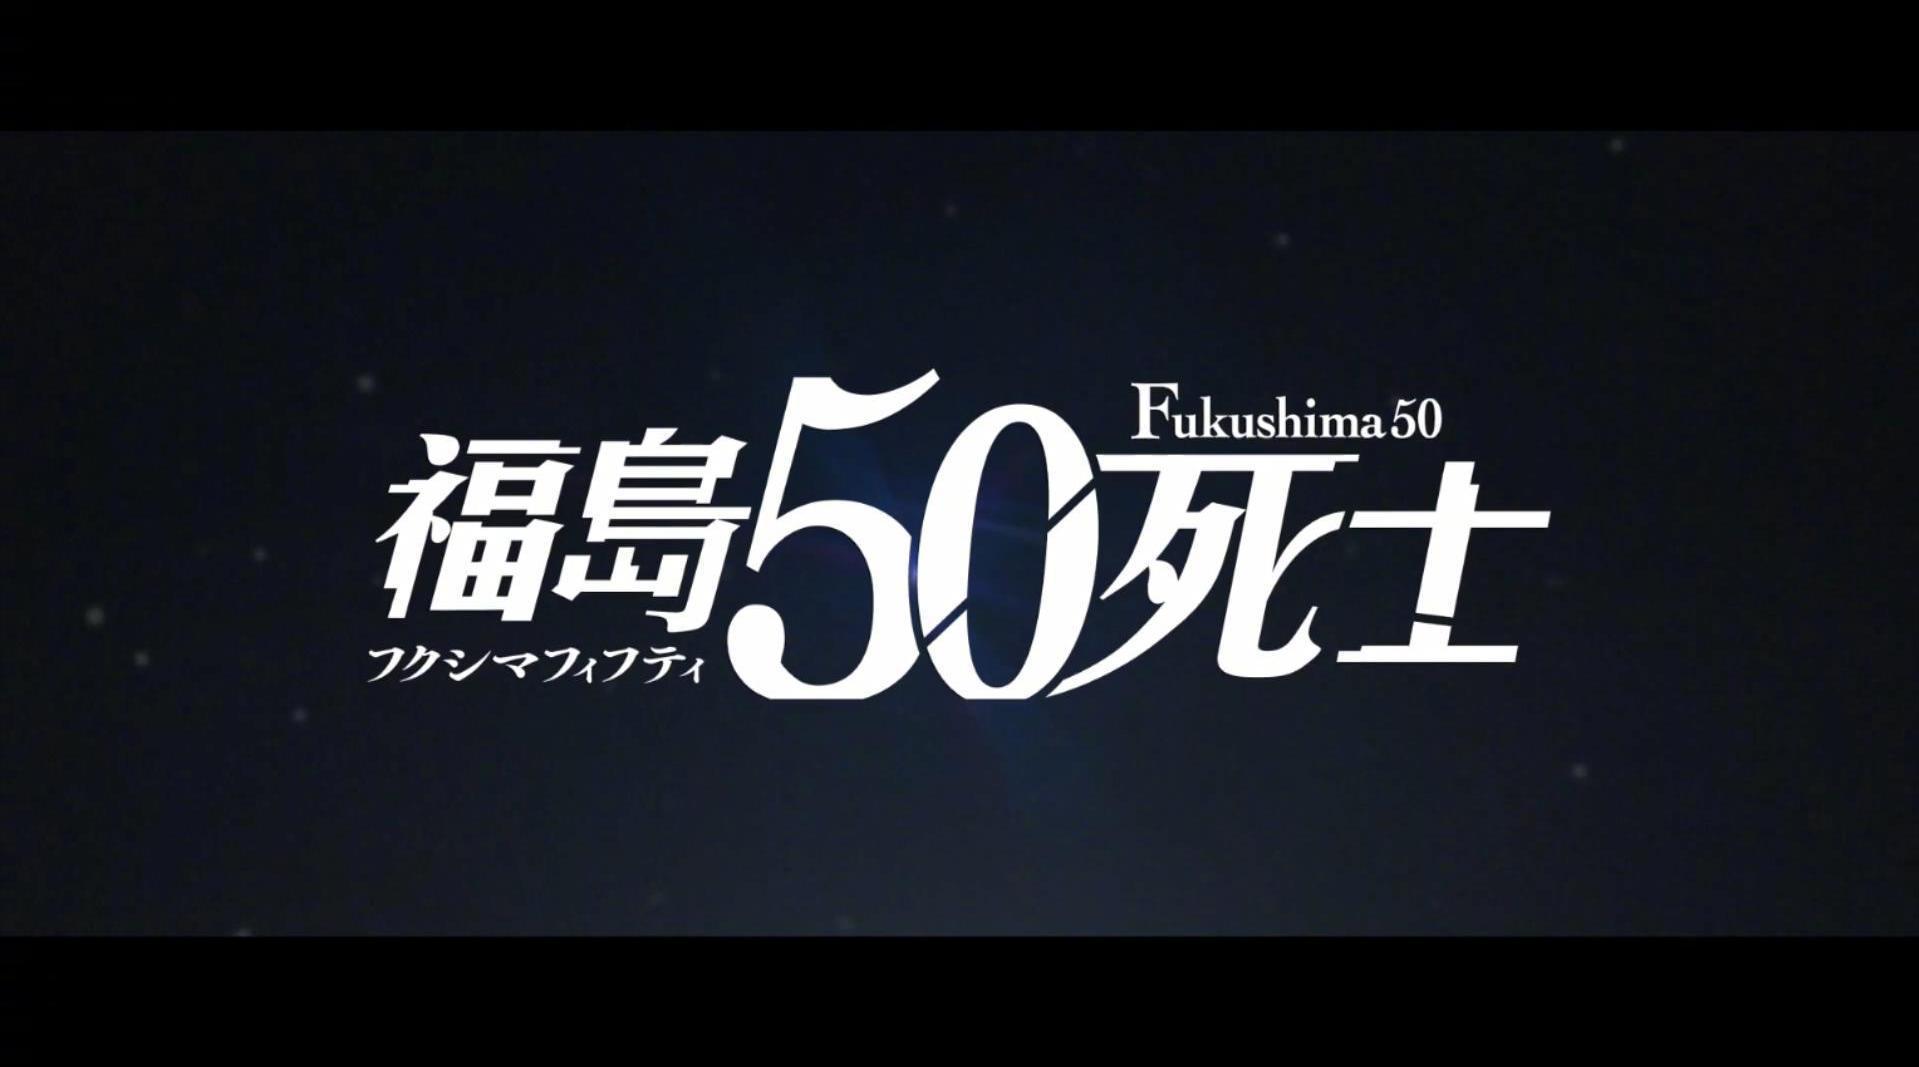 《福岛50死士》官方中文正式版预告片点评